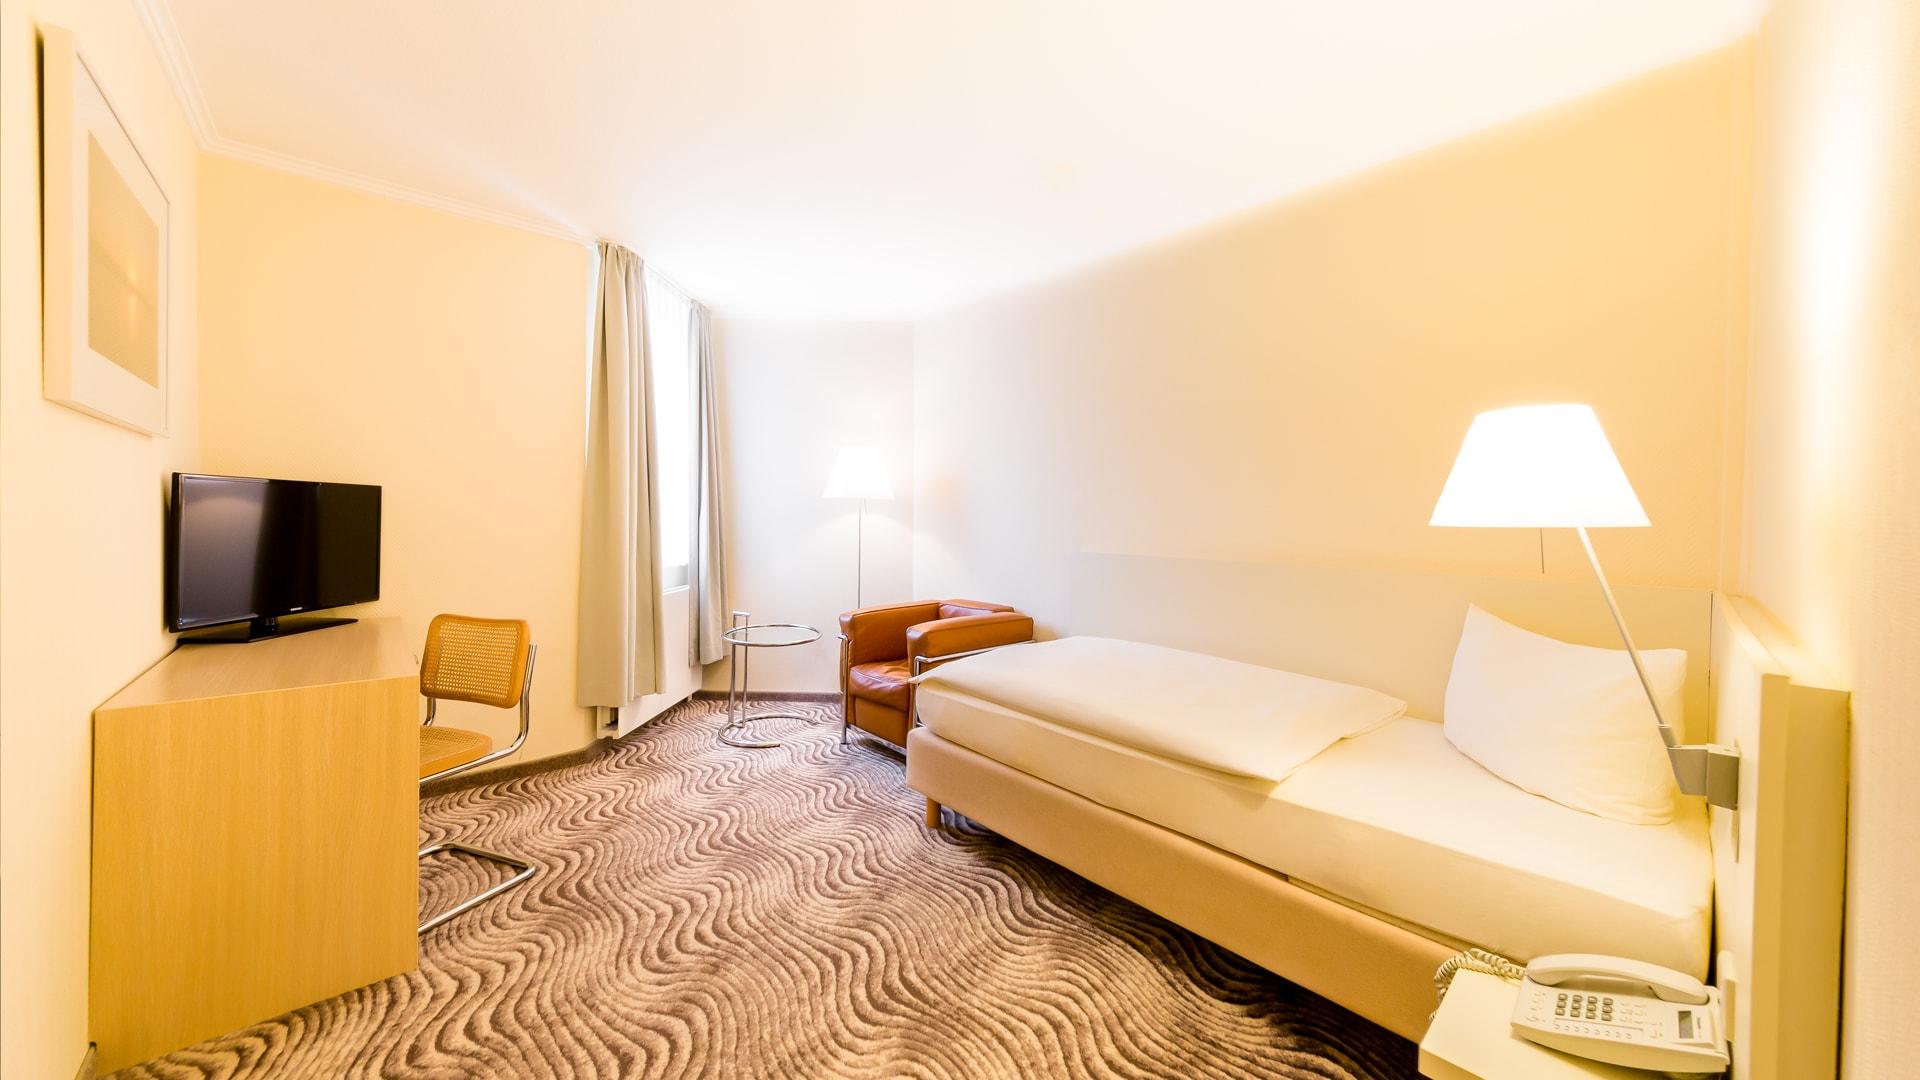 17 Michels_Hotels_Thalassohotel_Nordseehaus_Einzelzimmer_Klassik